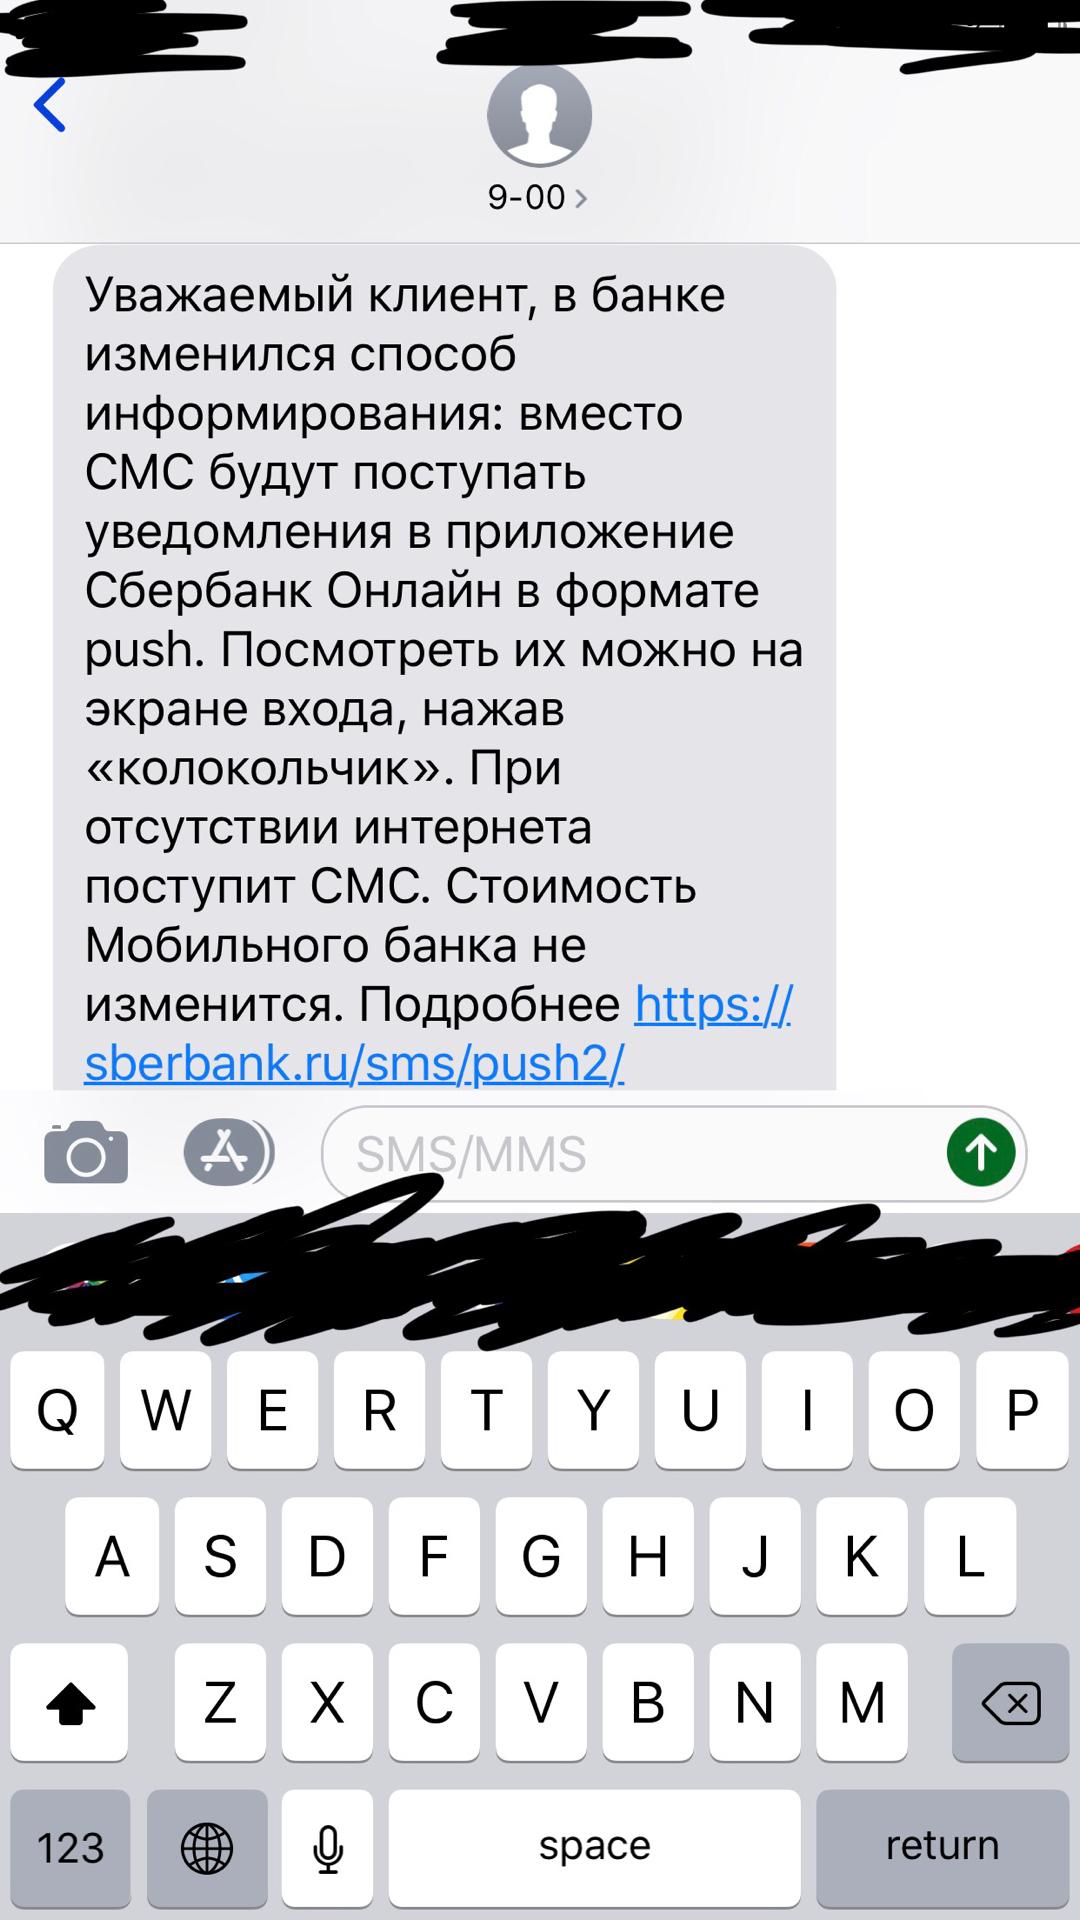 не работает онлайн банк сбербанк